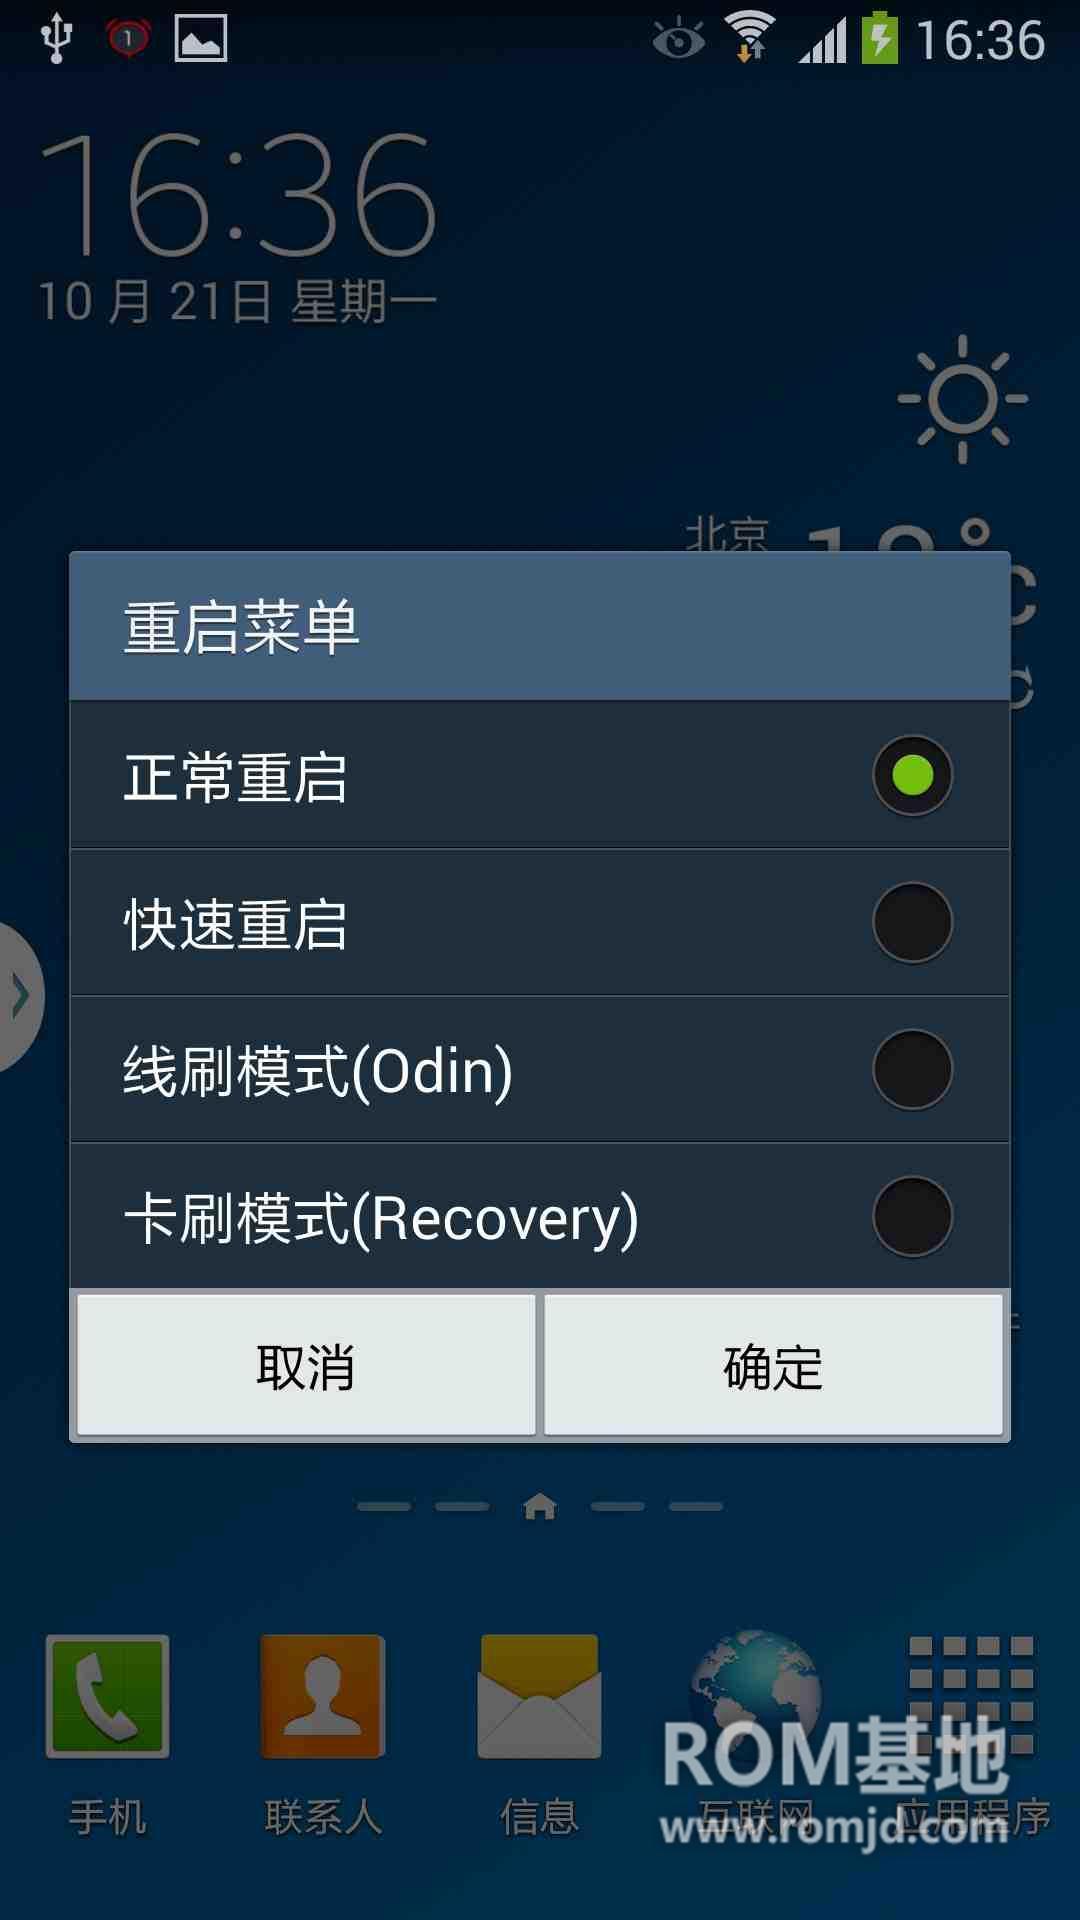 【绿化纯净】三星 Galaxy Note3 (N900) 基于亚太版N900XXUBMJ1精简 顺滑